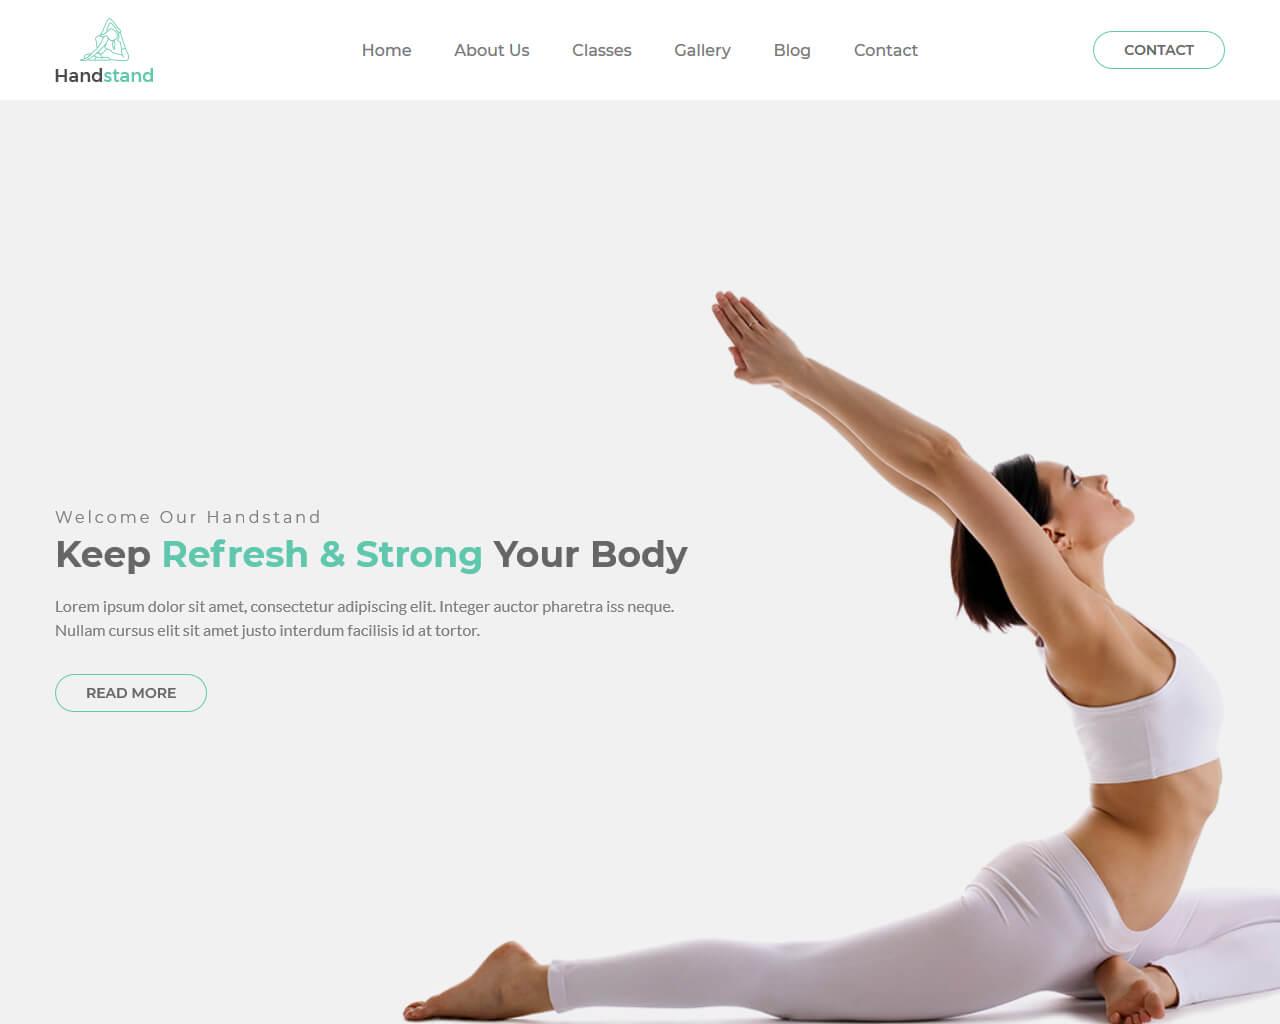 HandStand Website Template